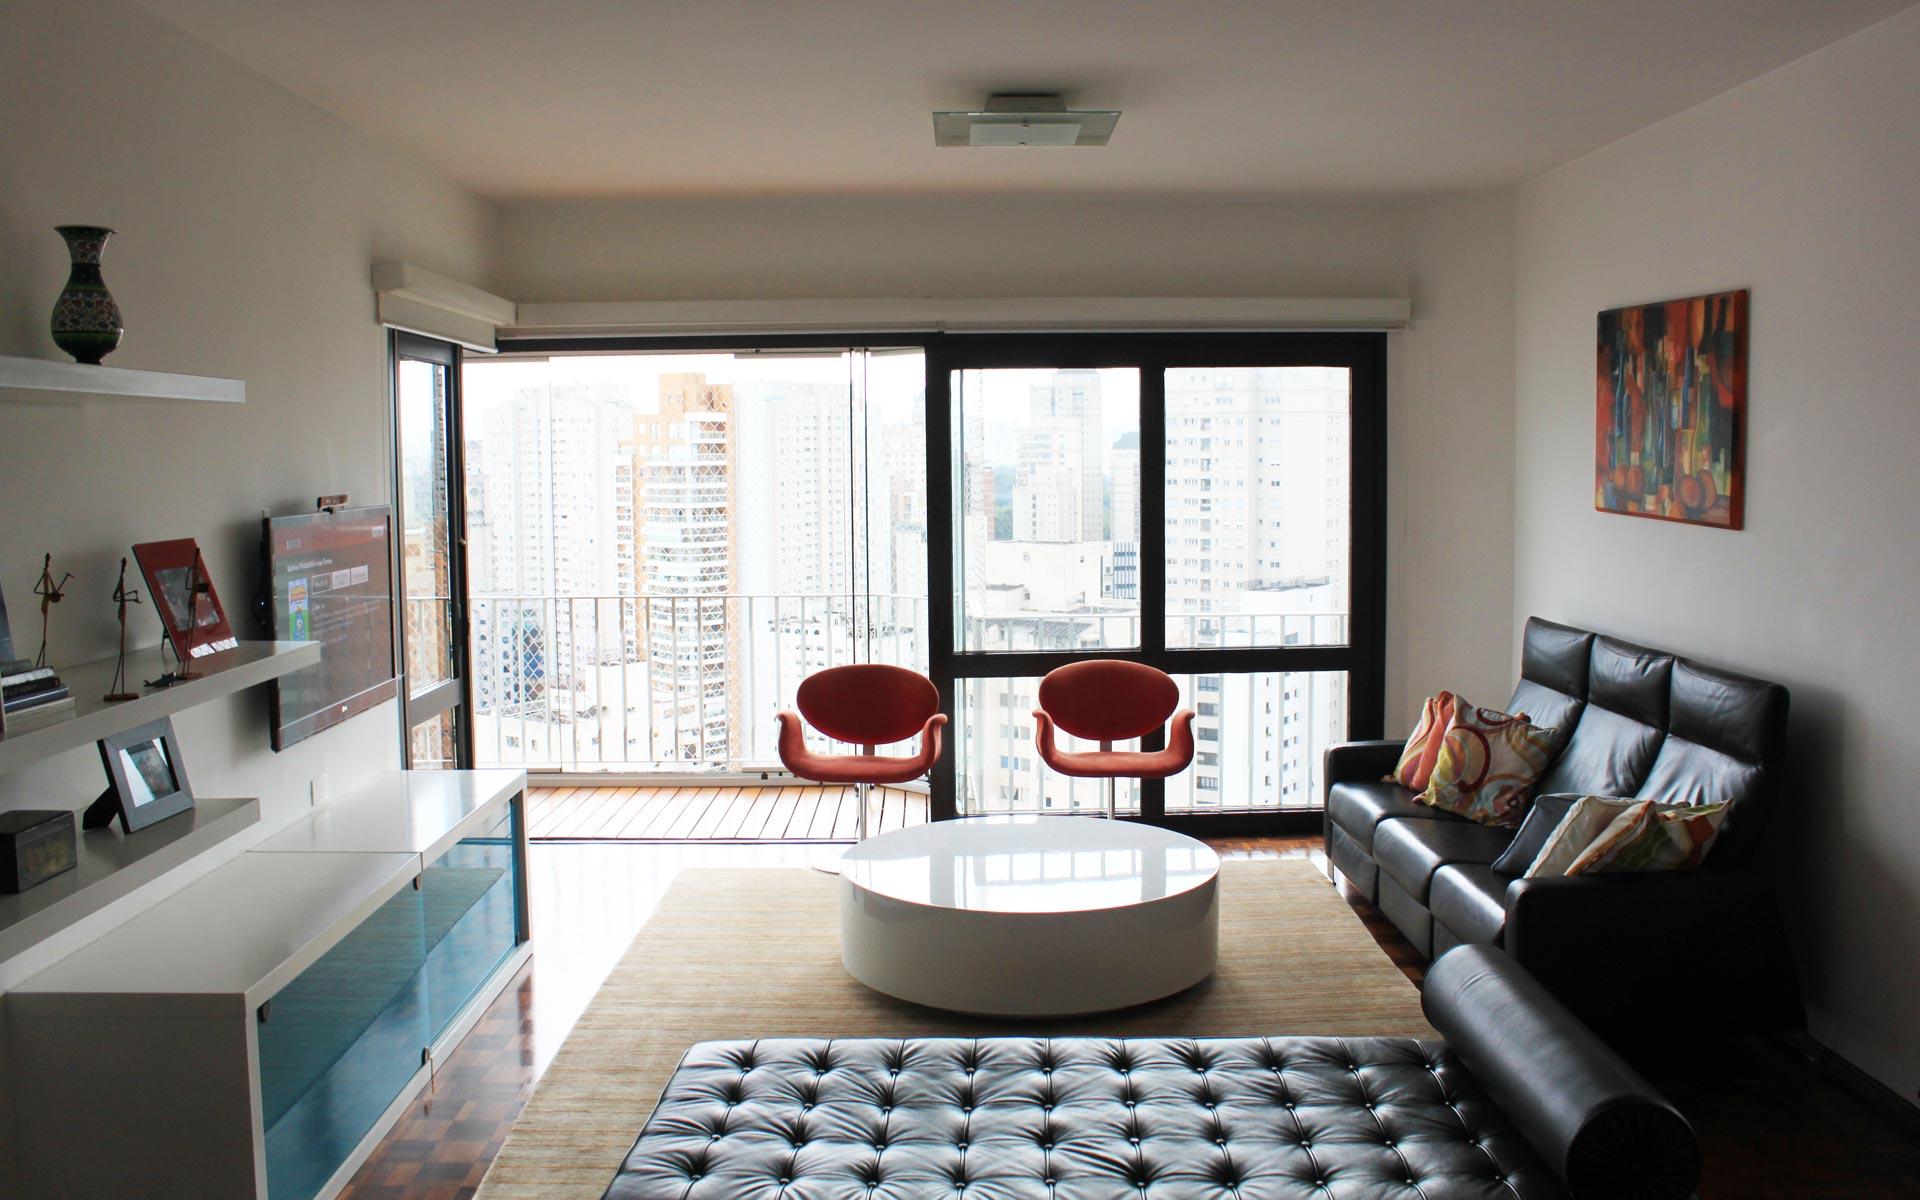 Diseño Interior: Living moderno, reforma departamento